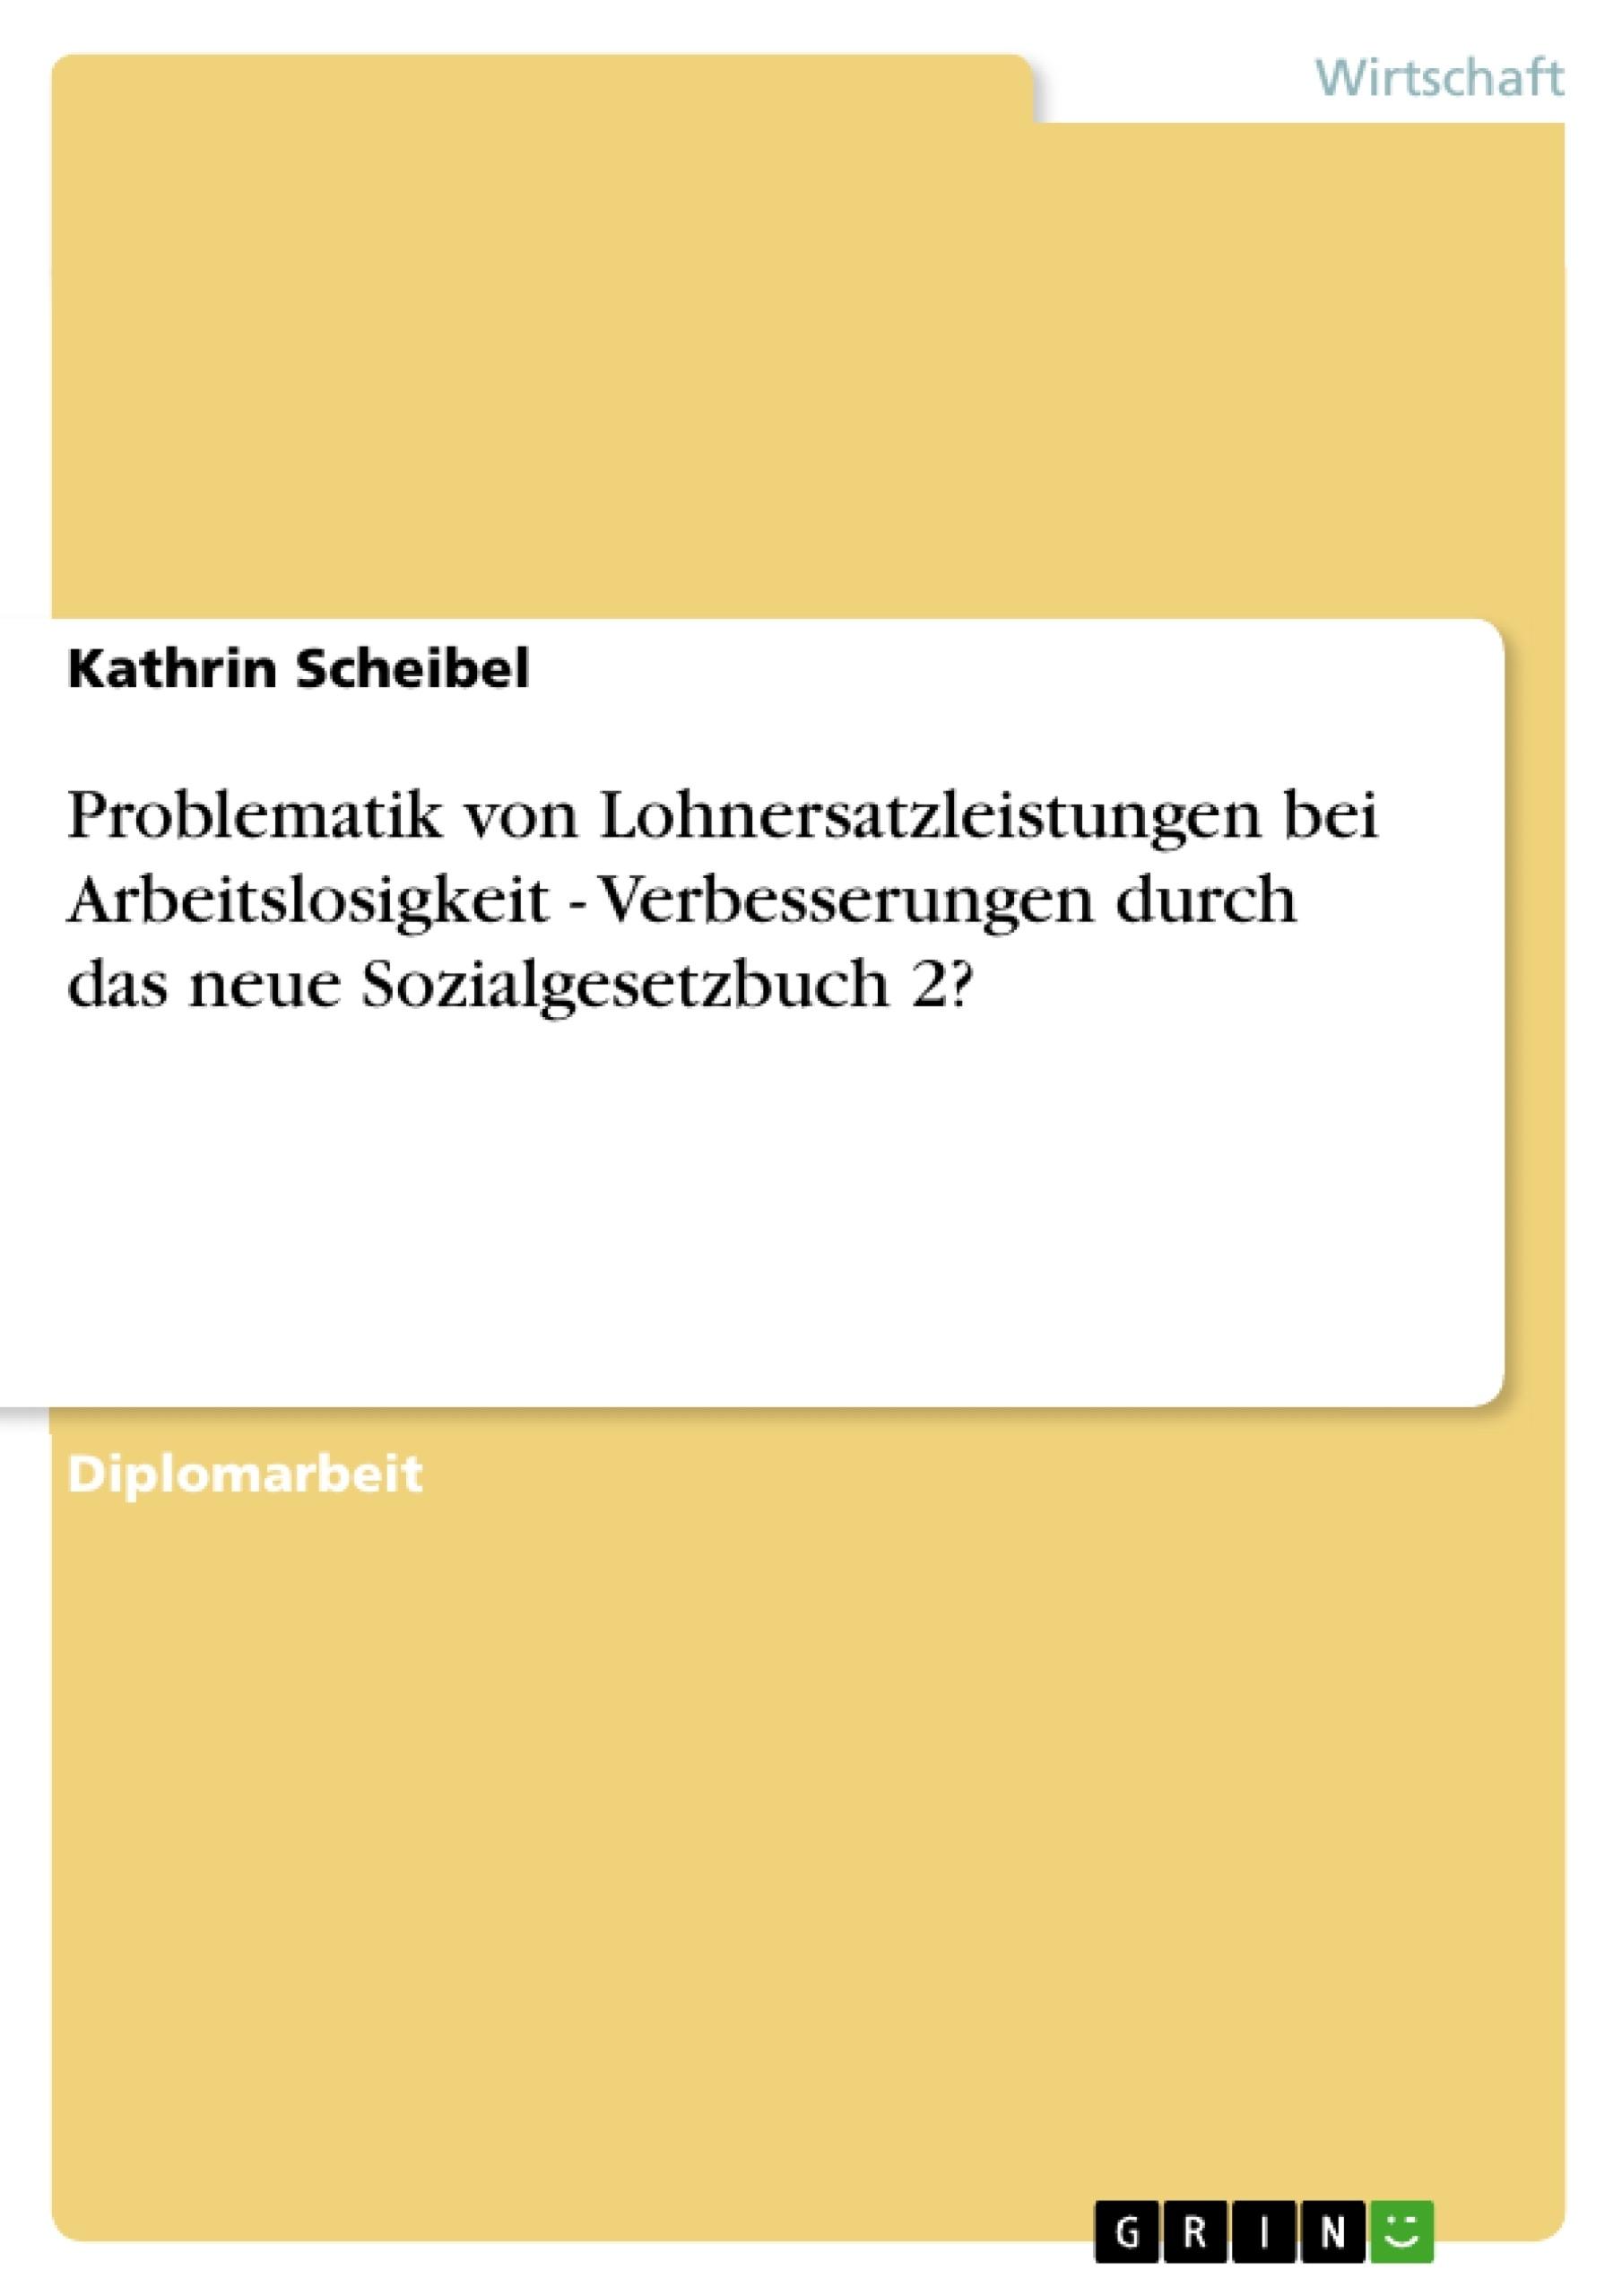 Titel: Problematik von Lohnersatzleistungen bei Arbeitslosigkeit - Verbesserungen durch das neue Sozialgesetzbuch 2?